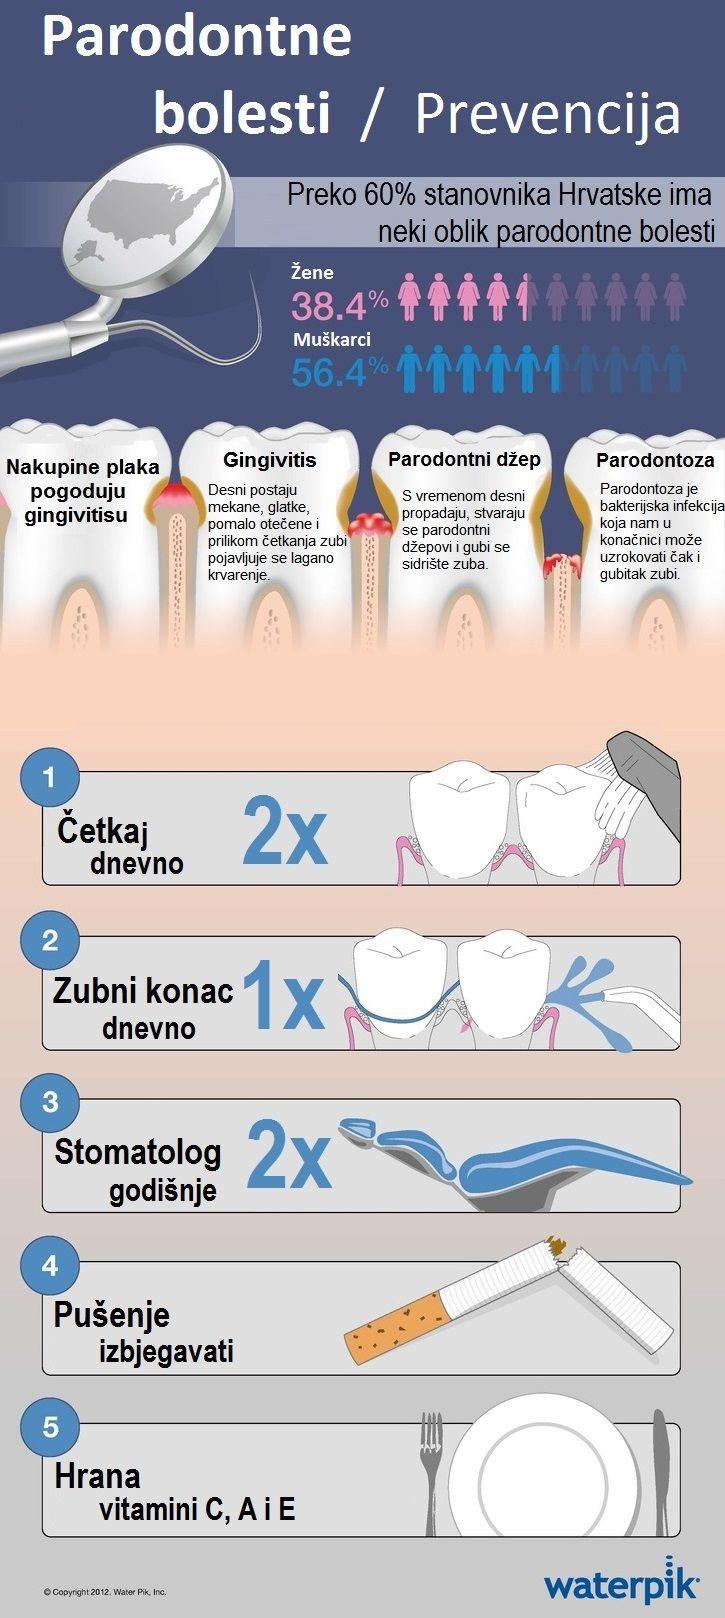 Prevencija parodontnih bolesti